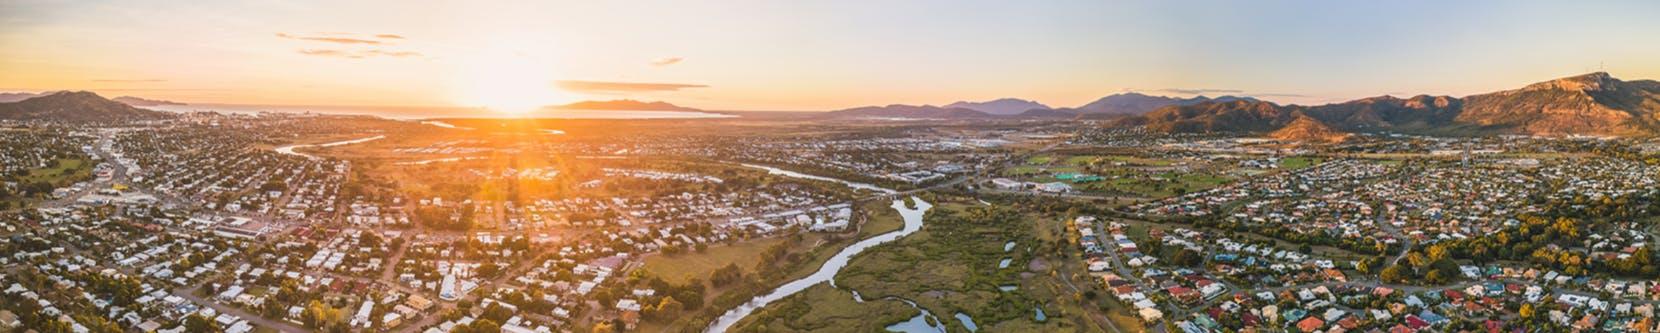 Aplins Weir 2019 Weather Event